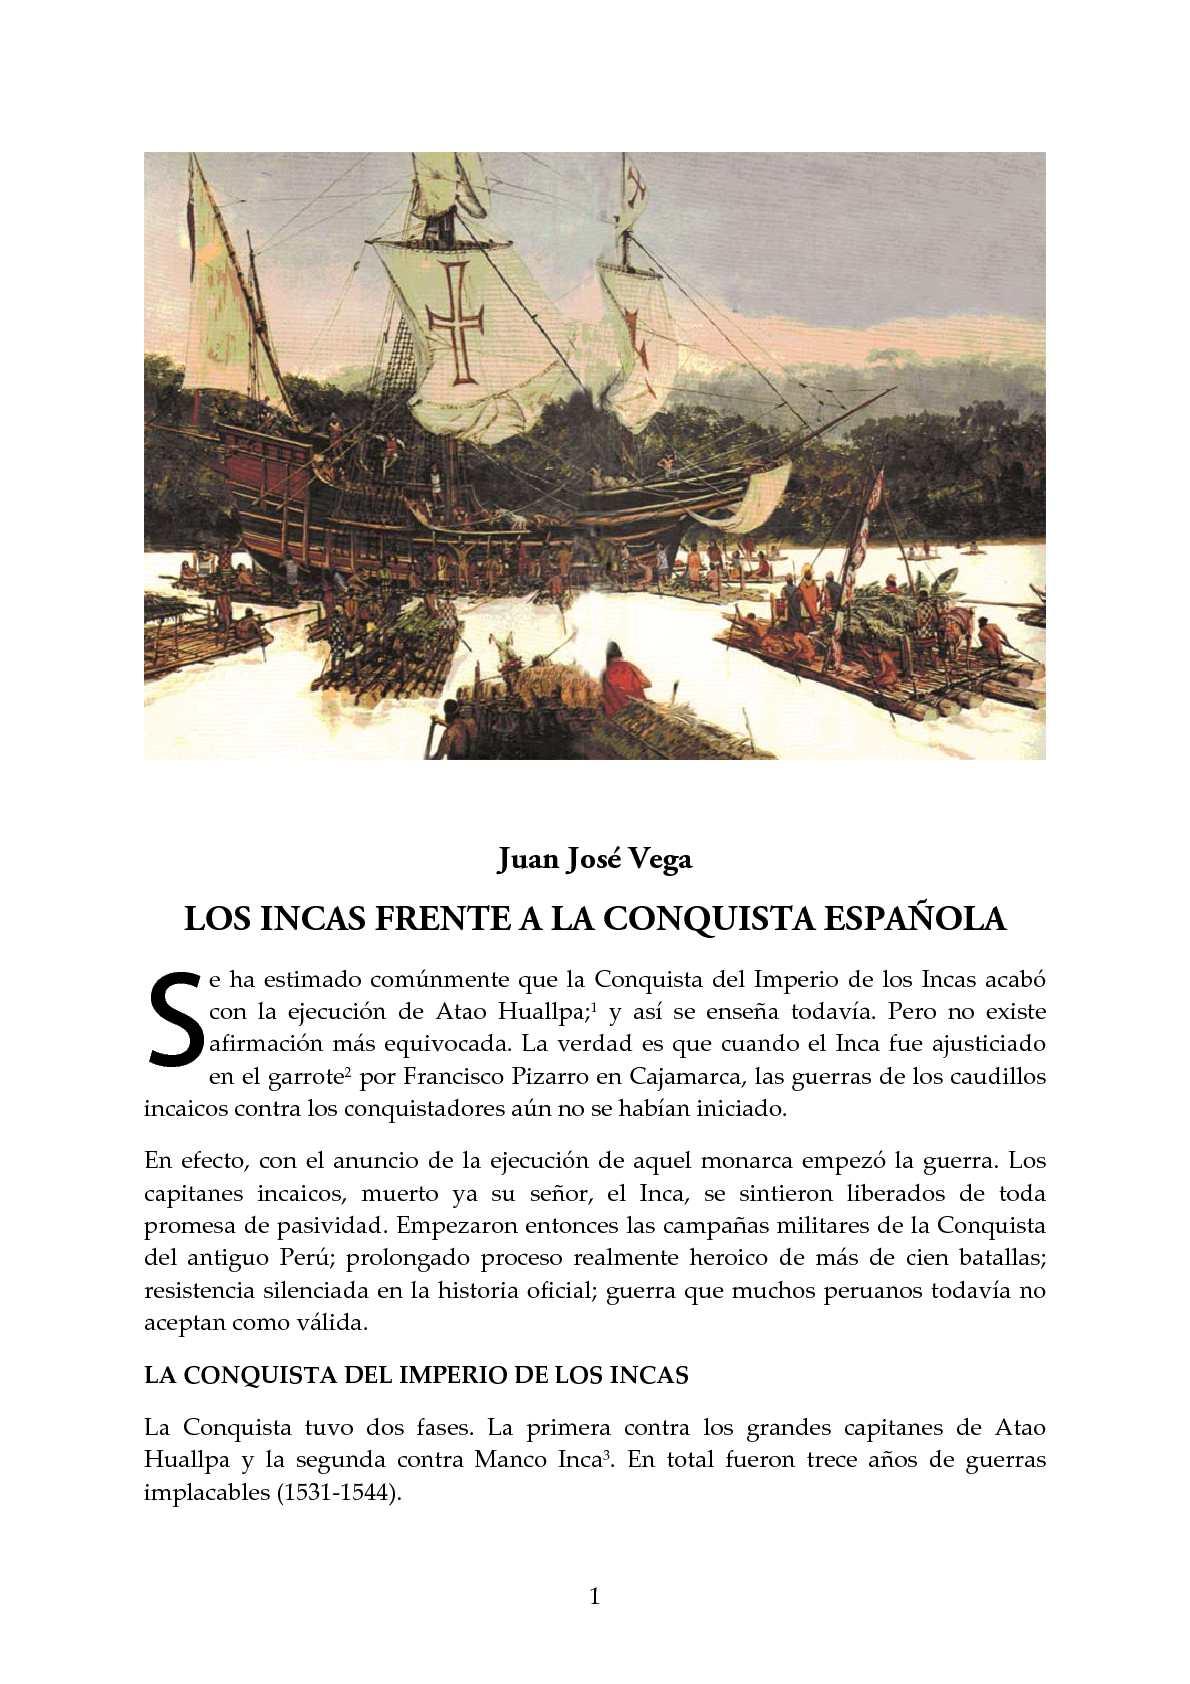 LOS INCAS FRENTE A LA CONQUISTA ESPAÑOLA